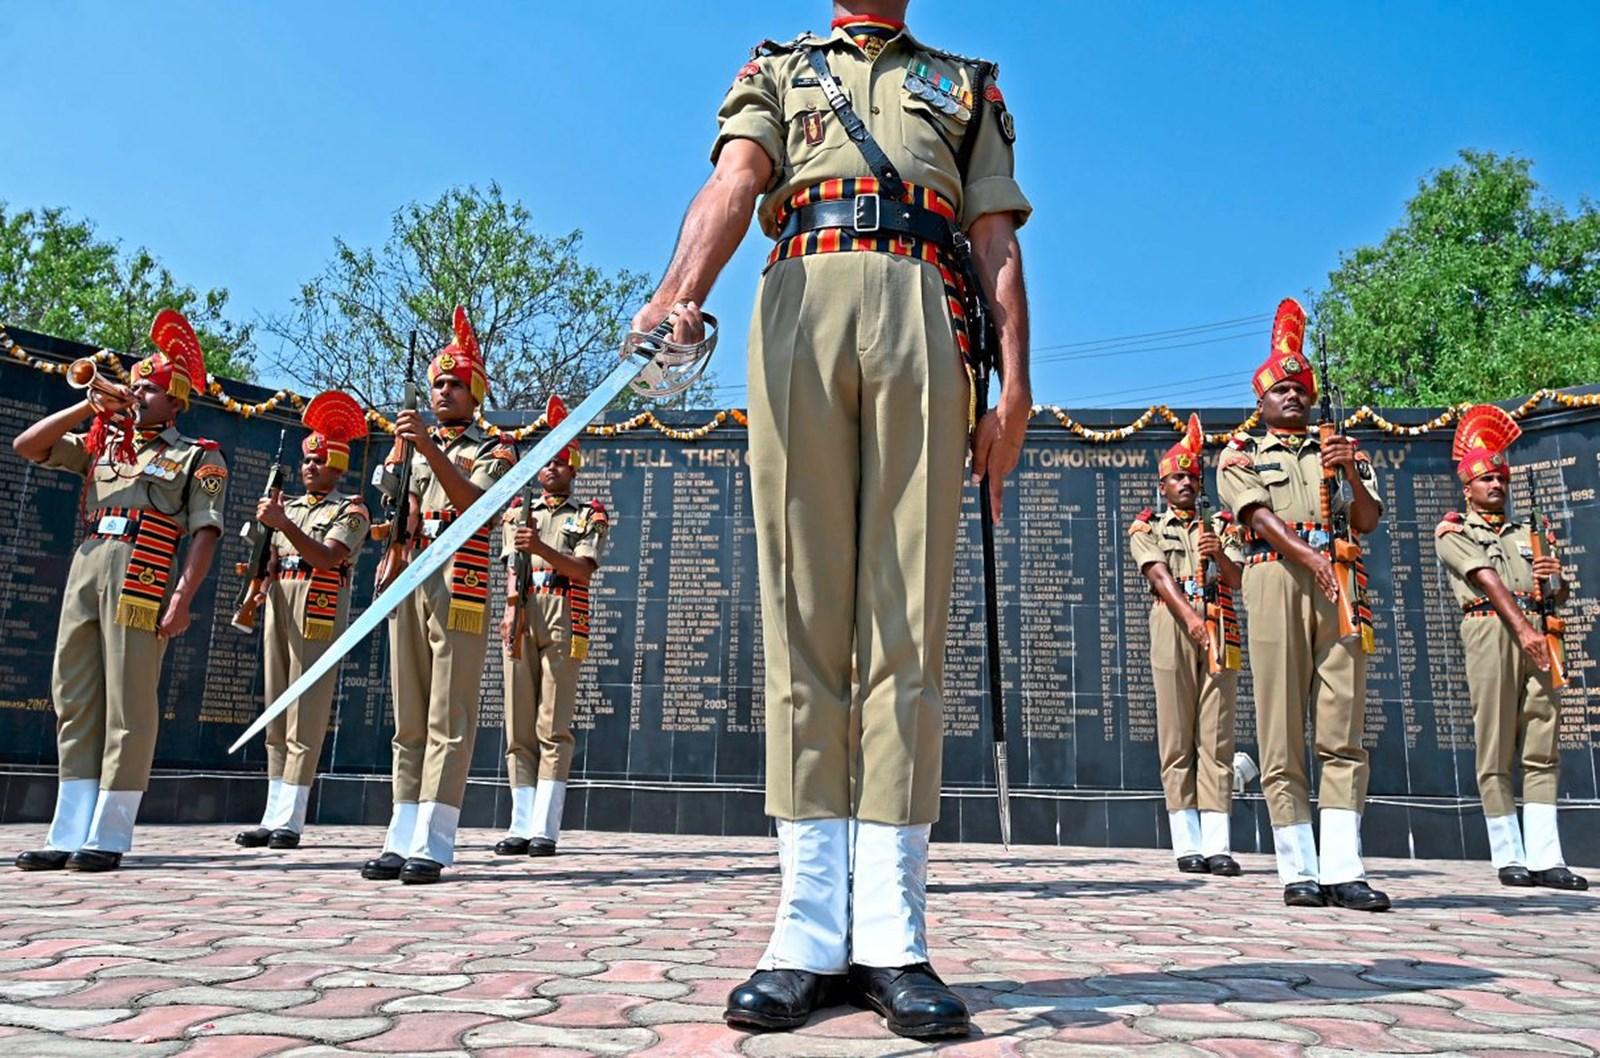 Indien schickt weitere 10.000 Soldaten in die Unruheregion Kaschmir – derStandard.at